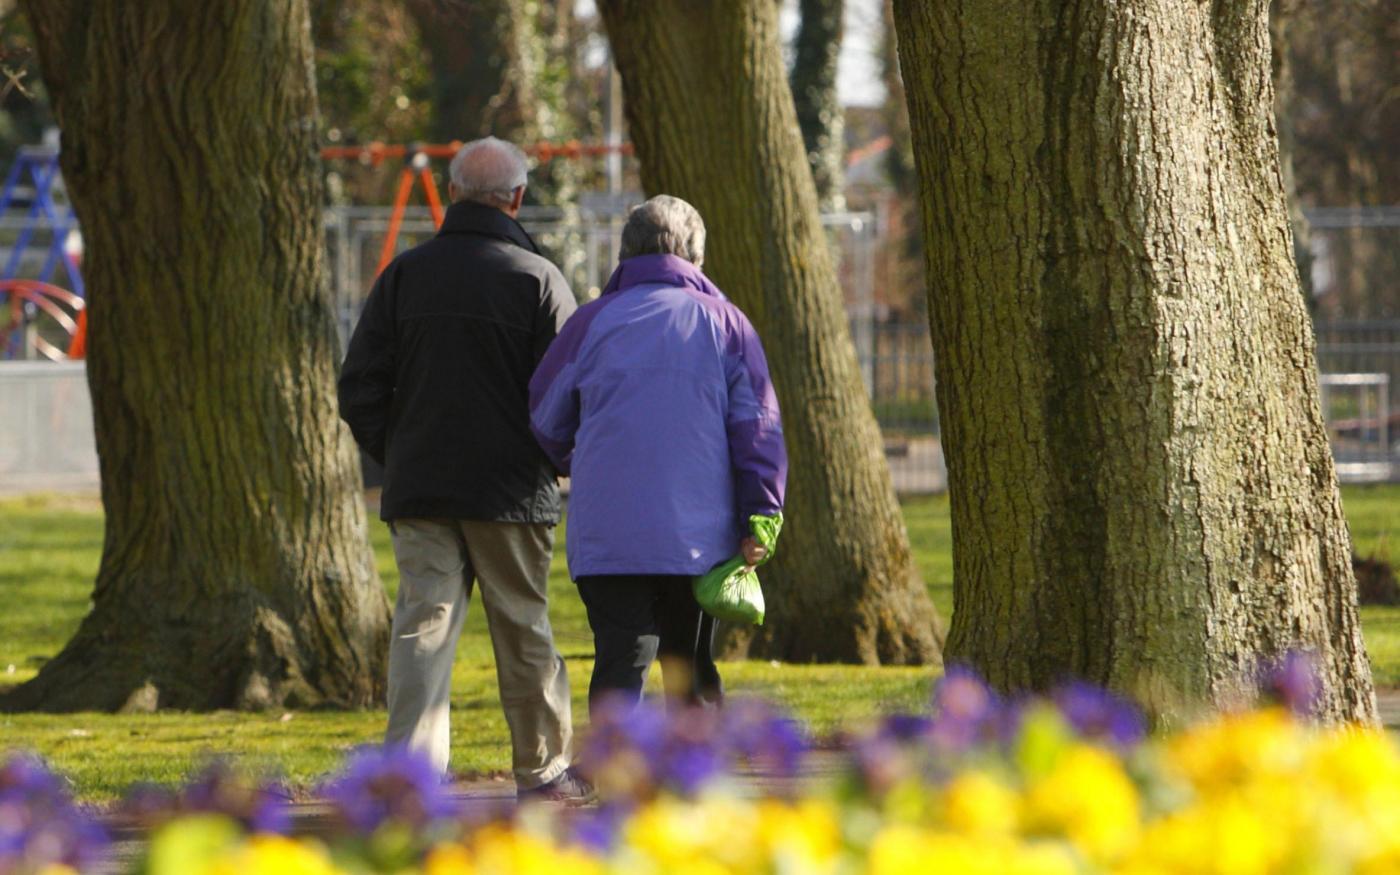 Pensioni: news di oggi su pensioni anticipate, APE e Opzione Donna dopo l'incontro ministero-sindacati